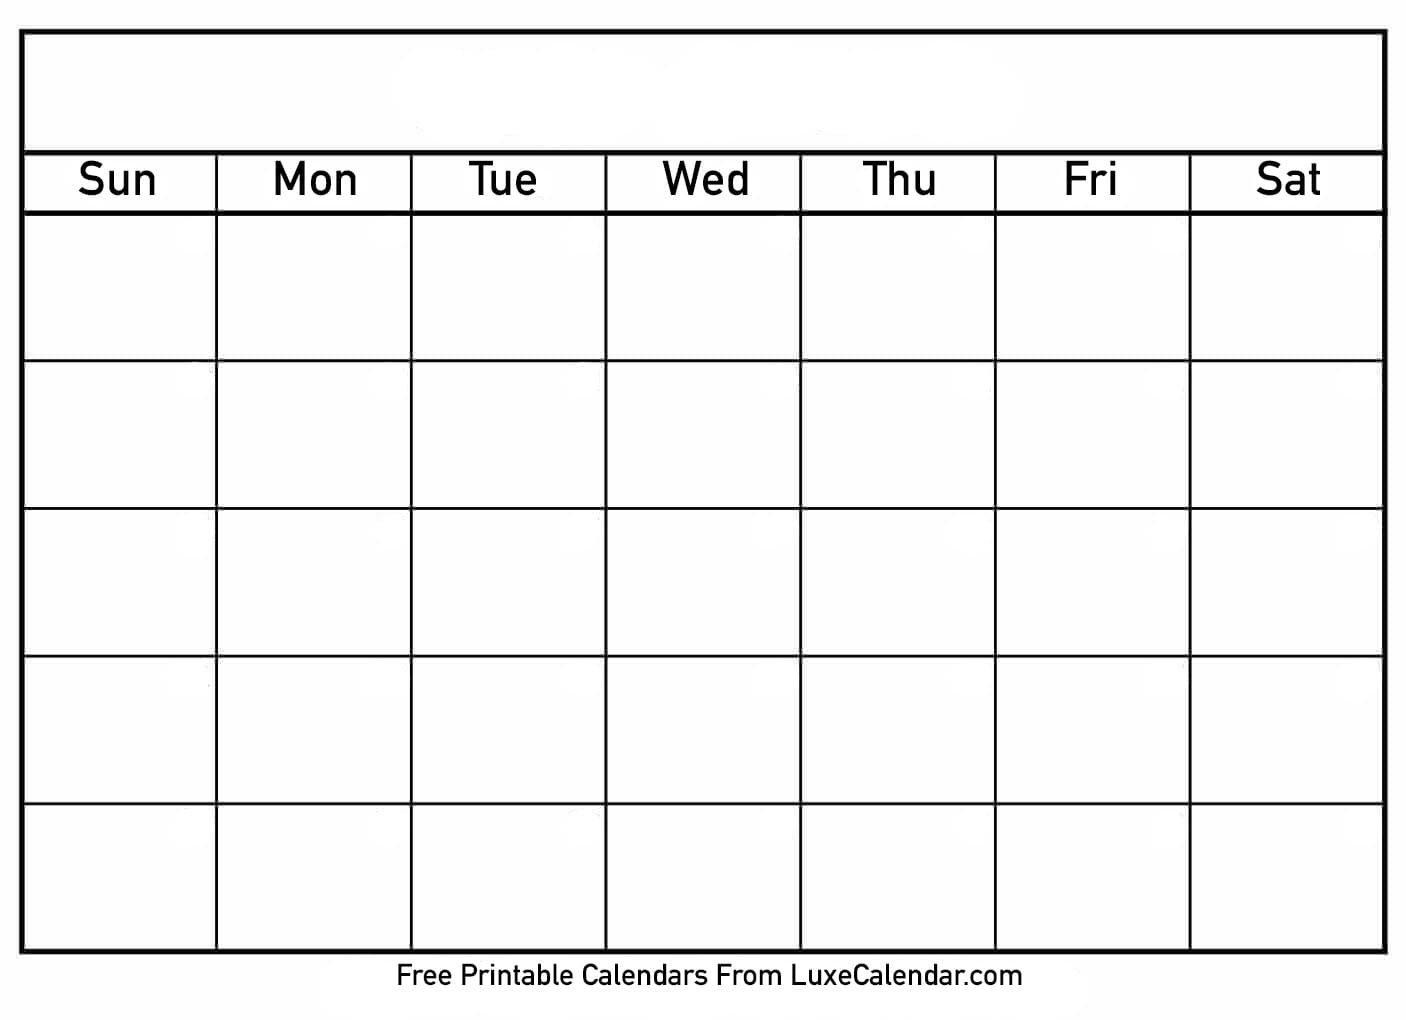 Free Blank Printable Calendar Template Weekly   Example Blank Printable 8 Week Schedule